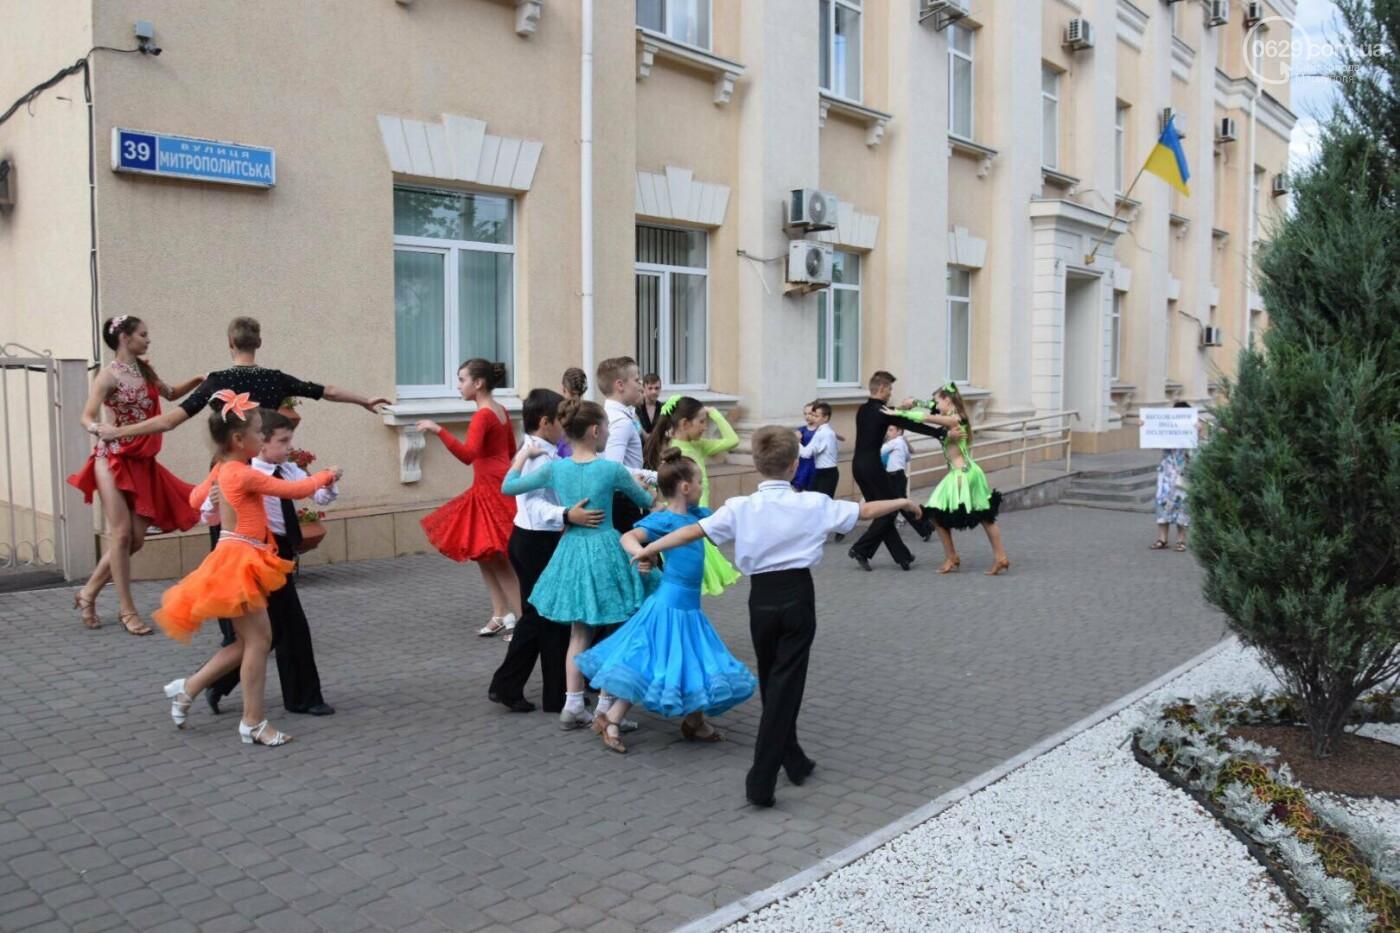 """Спасение """"Зироньки"""": в  Мариуполе дети устроили танцевальный флешмоб под зданием мэрии, - ФОТО, фото-6"""